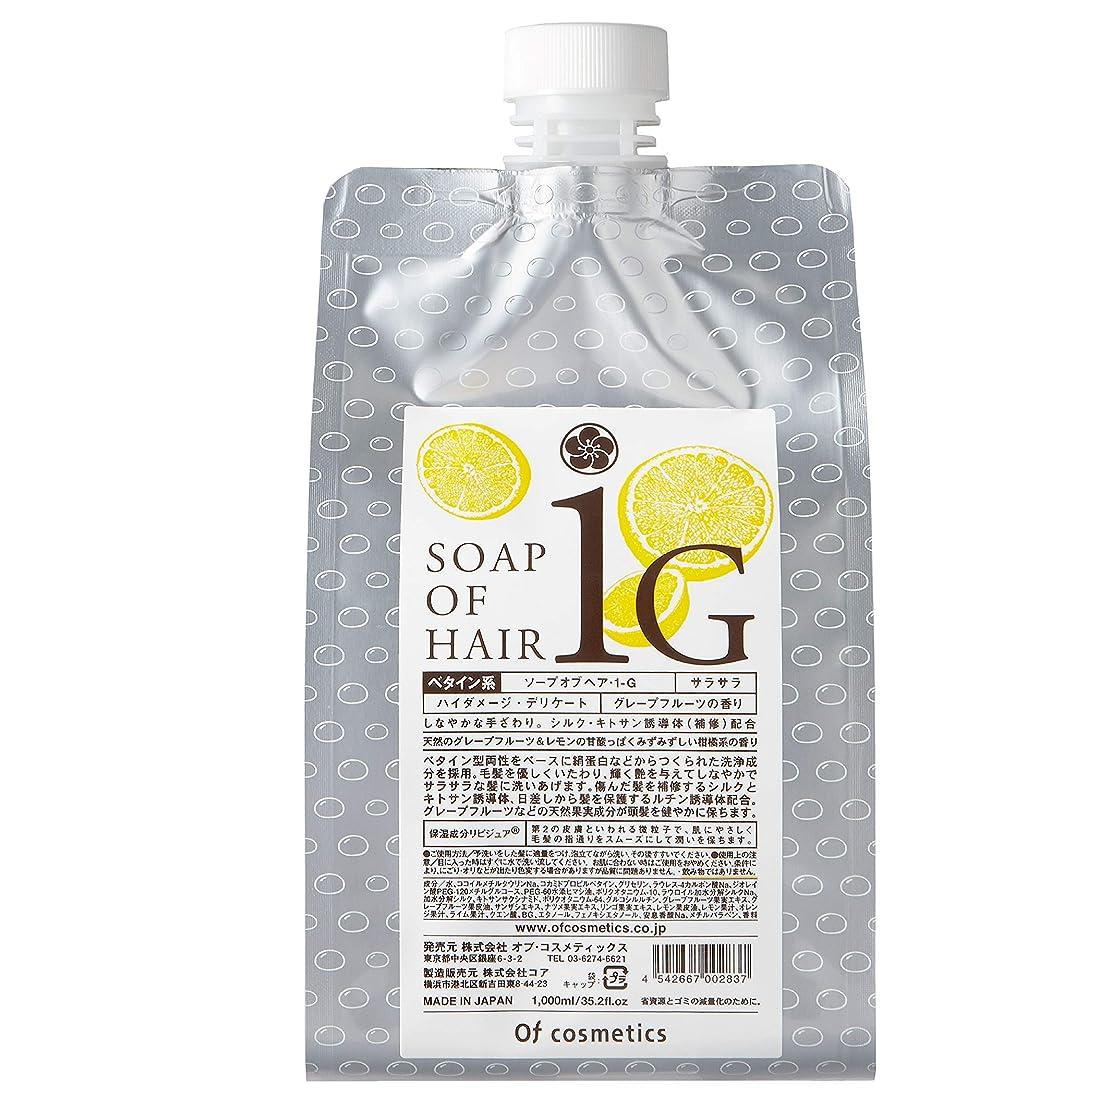 汚いレンディションオーロックオブ?コスメティックス ソープオブヘア?1-G エコサイズ (グレープフルーツの香り) 1000ml